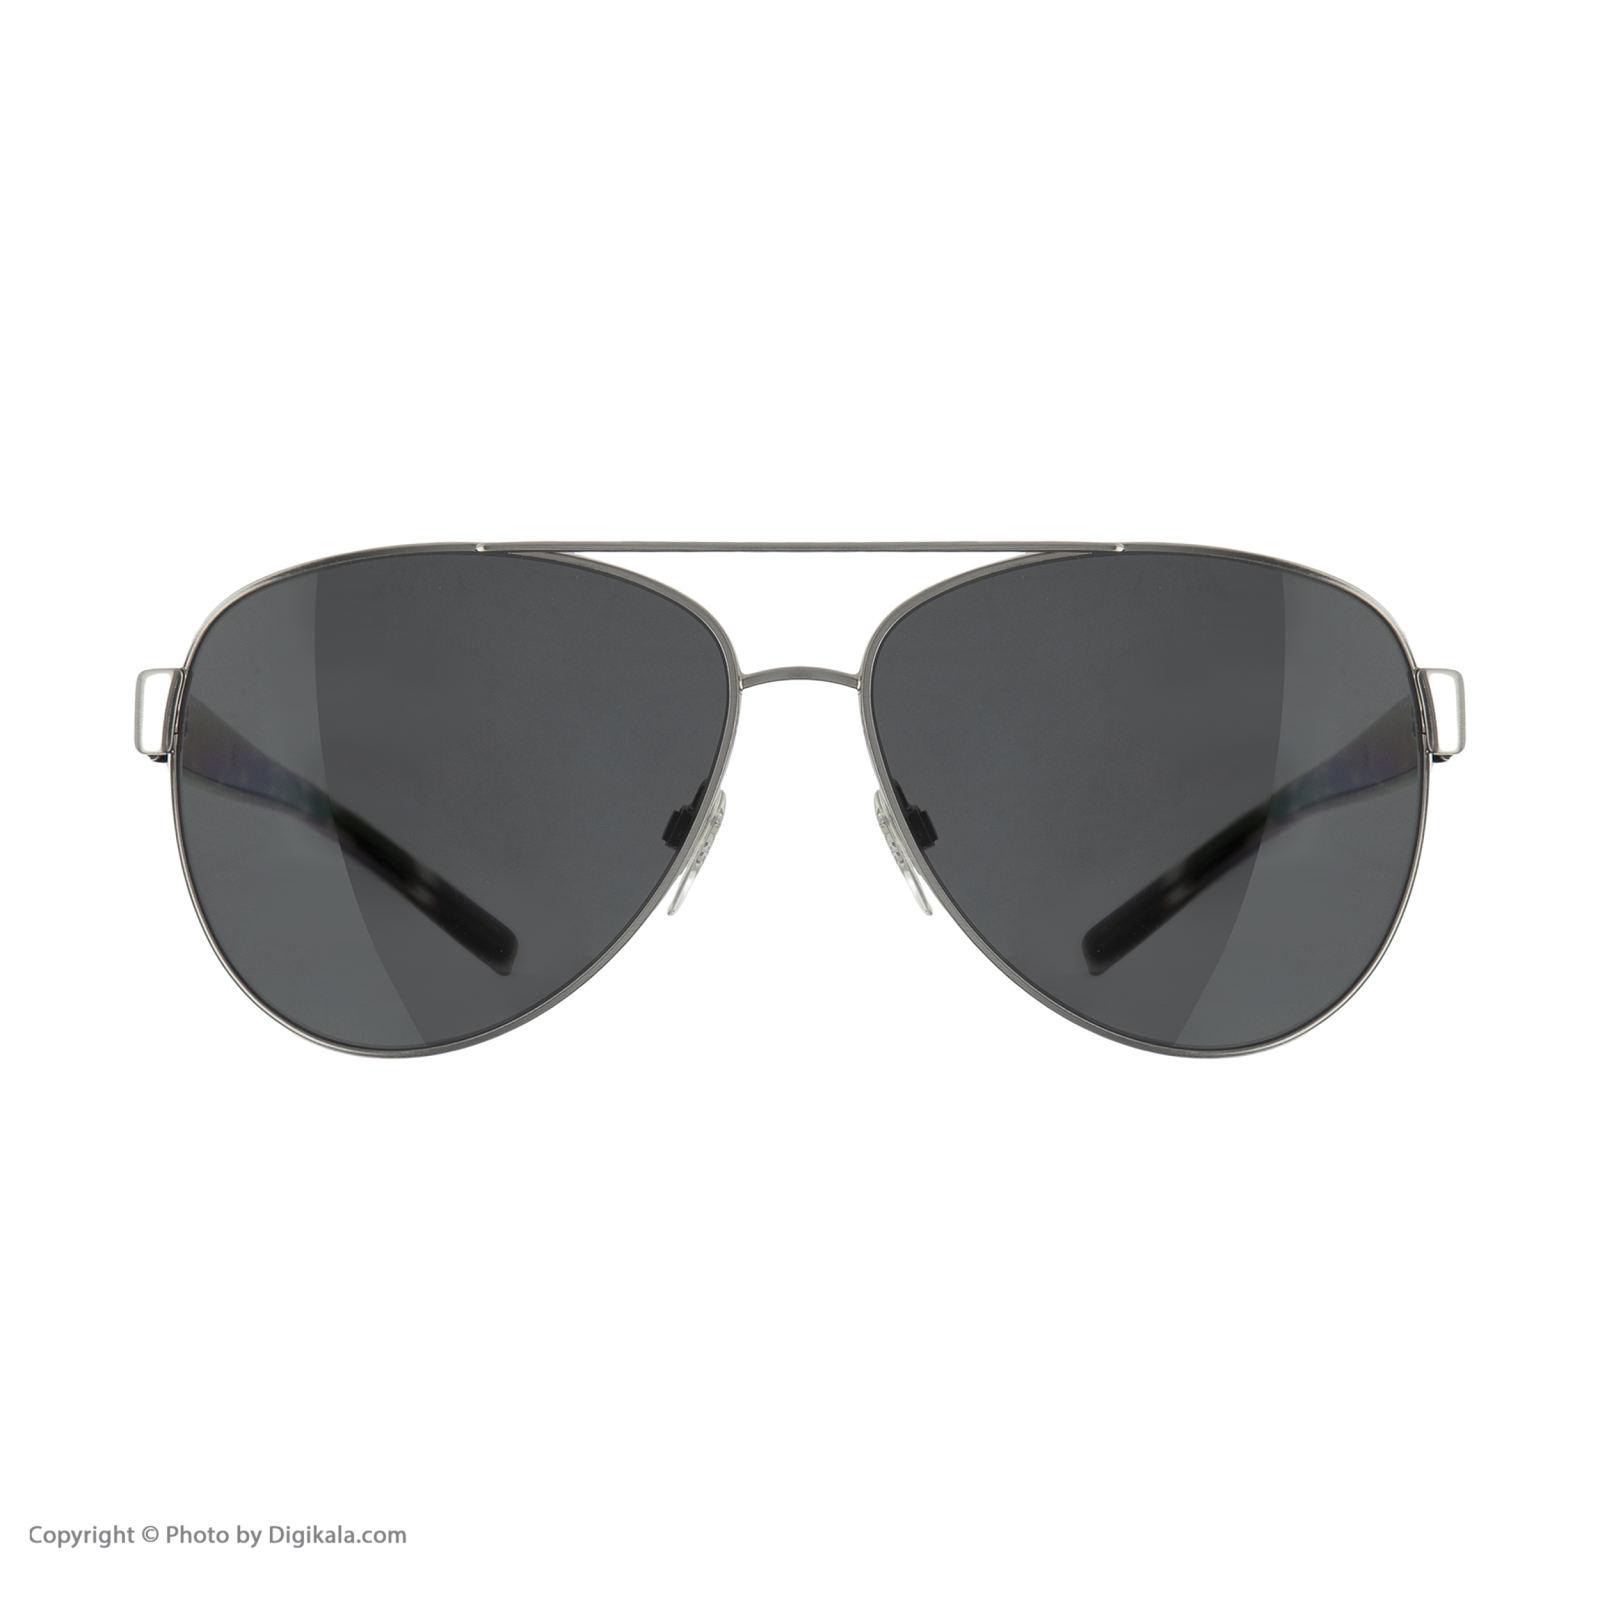 عینک آفتابی زنانه بربری مدل BE 3084S 122987 60 -  - 3